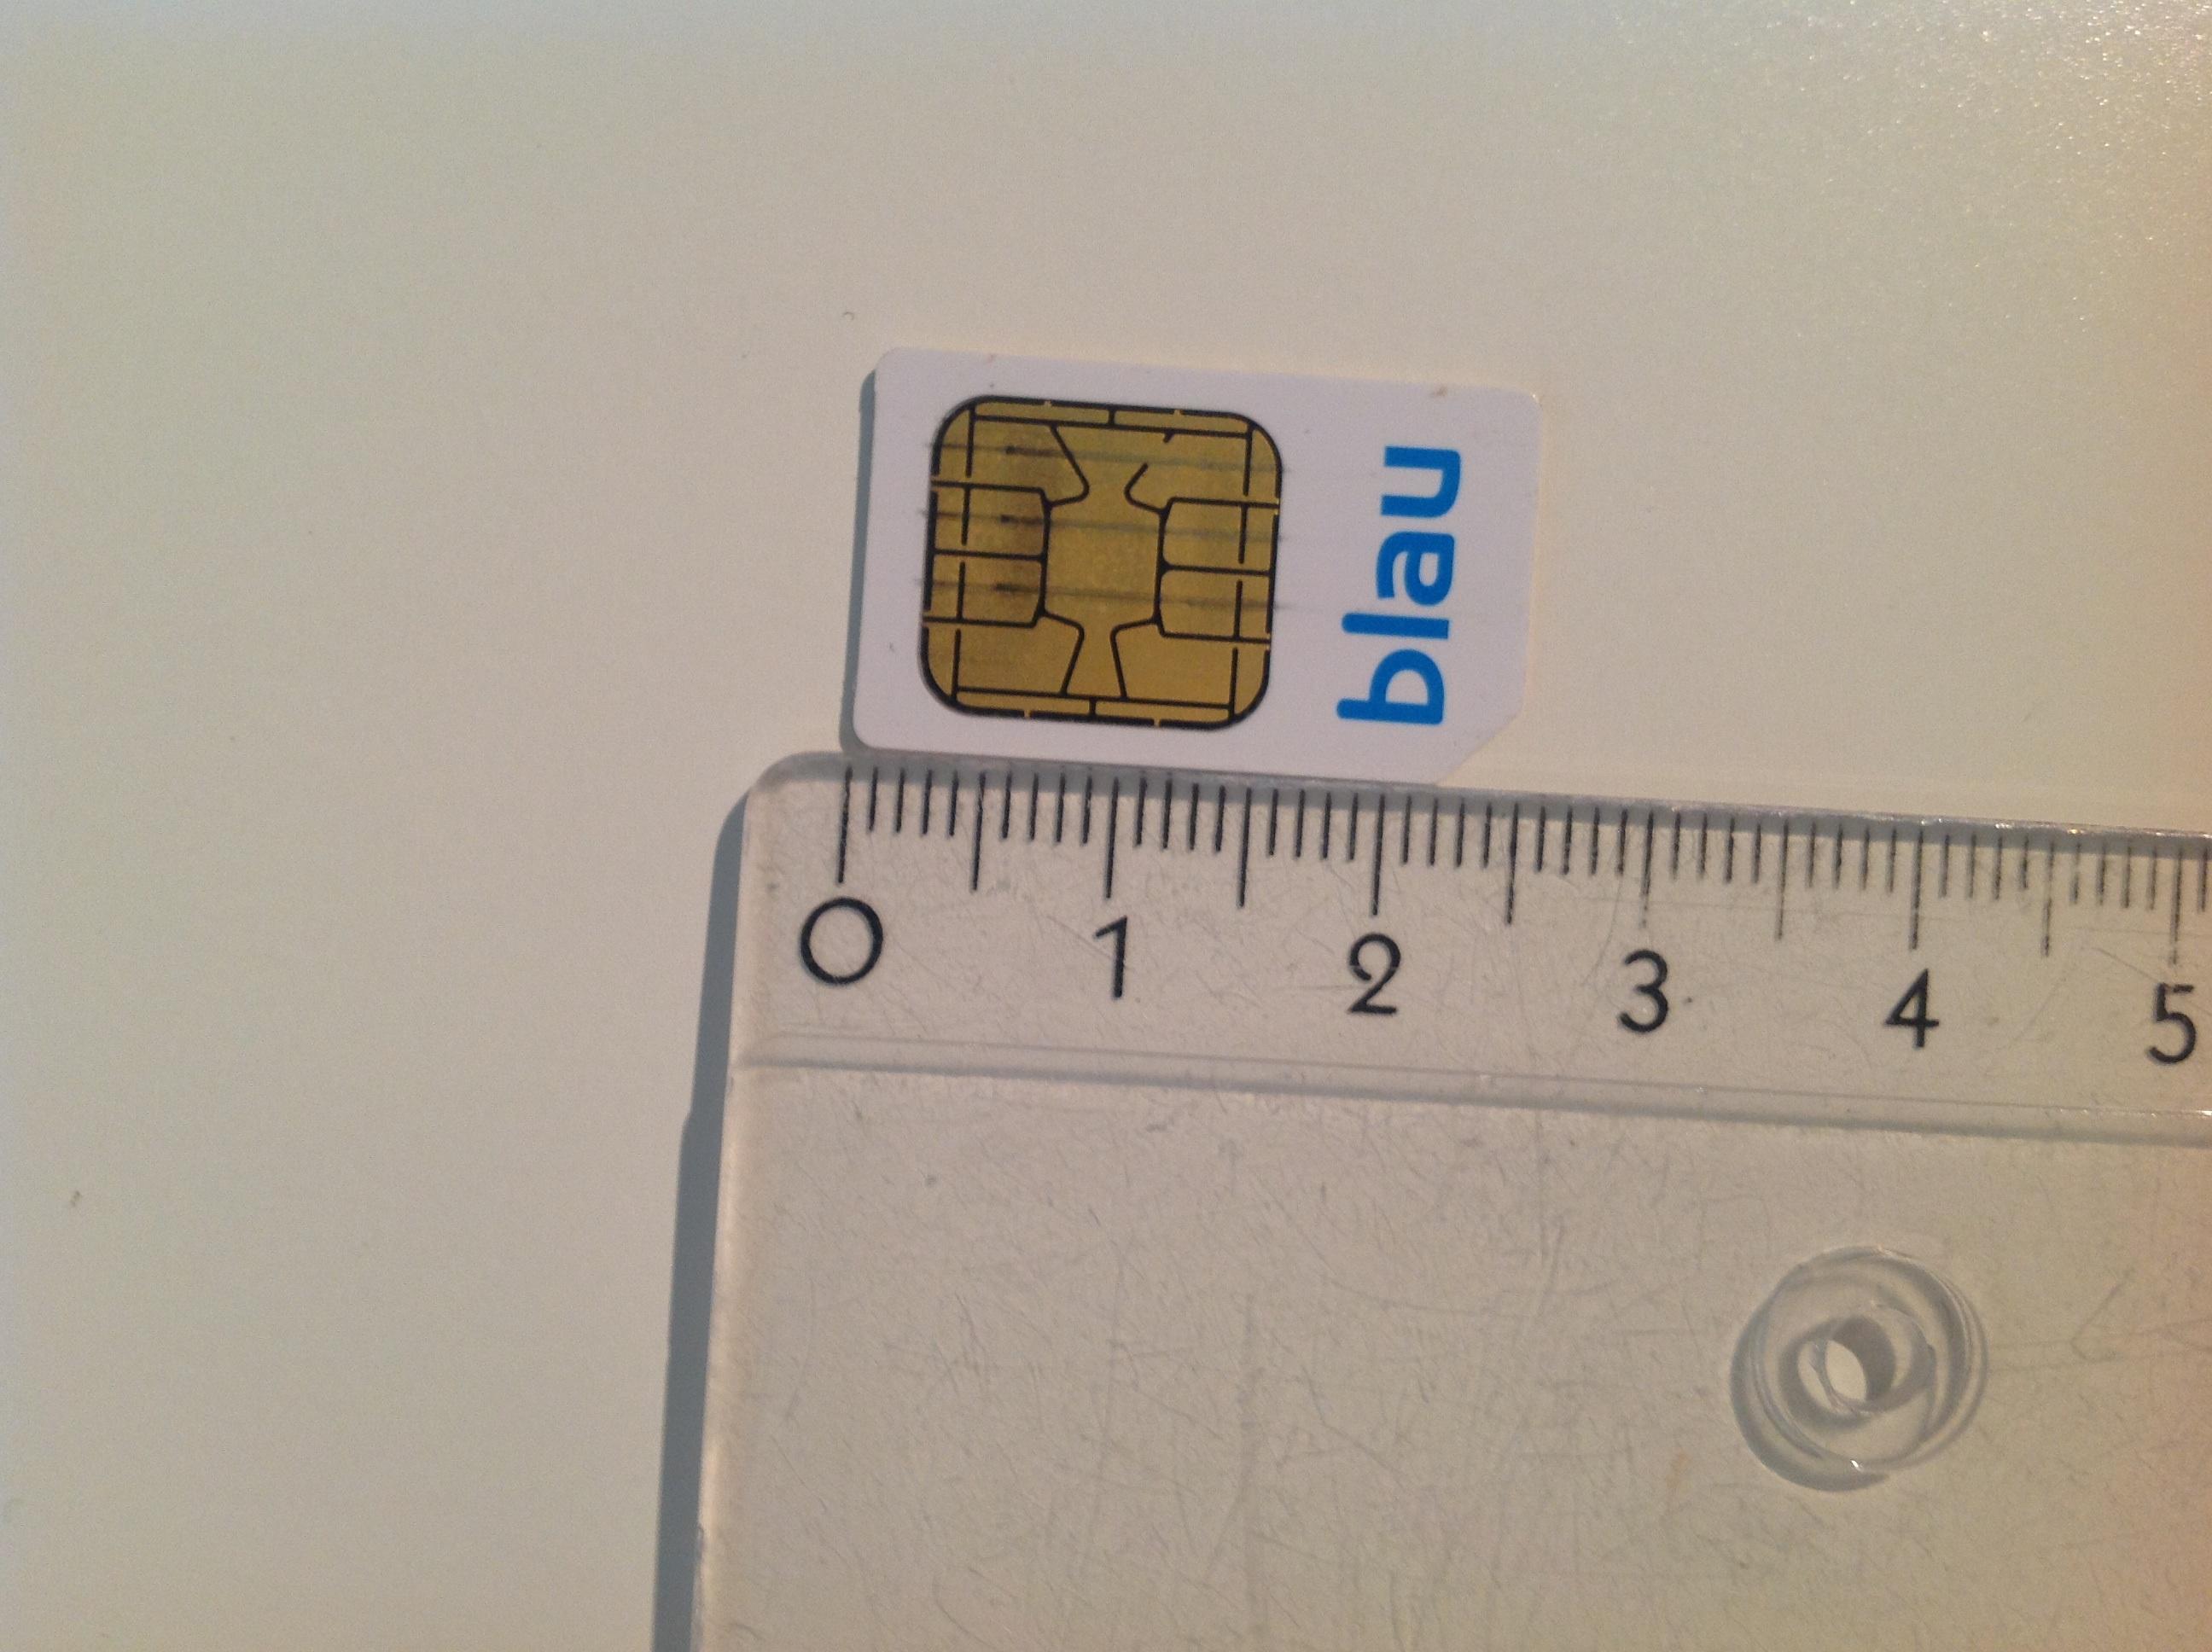 Sim Karte Stanzen.Im Handyladen Micro Sim Auf Nano Sim Stanzen Oder Schneiden Lassen